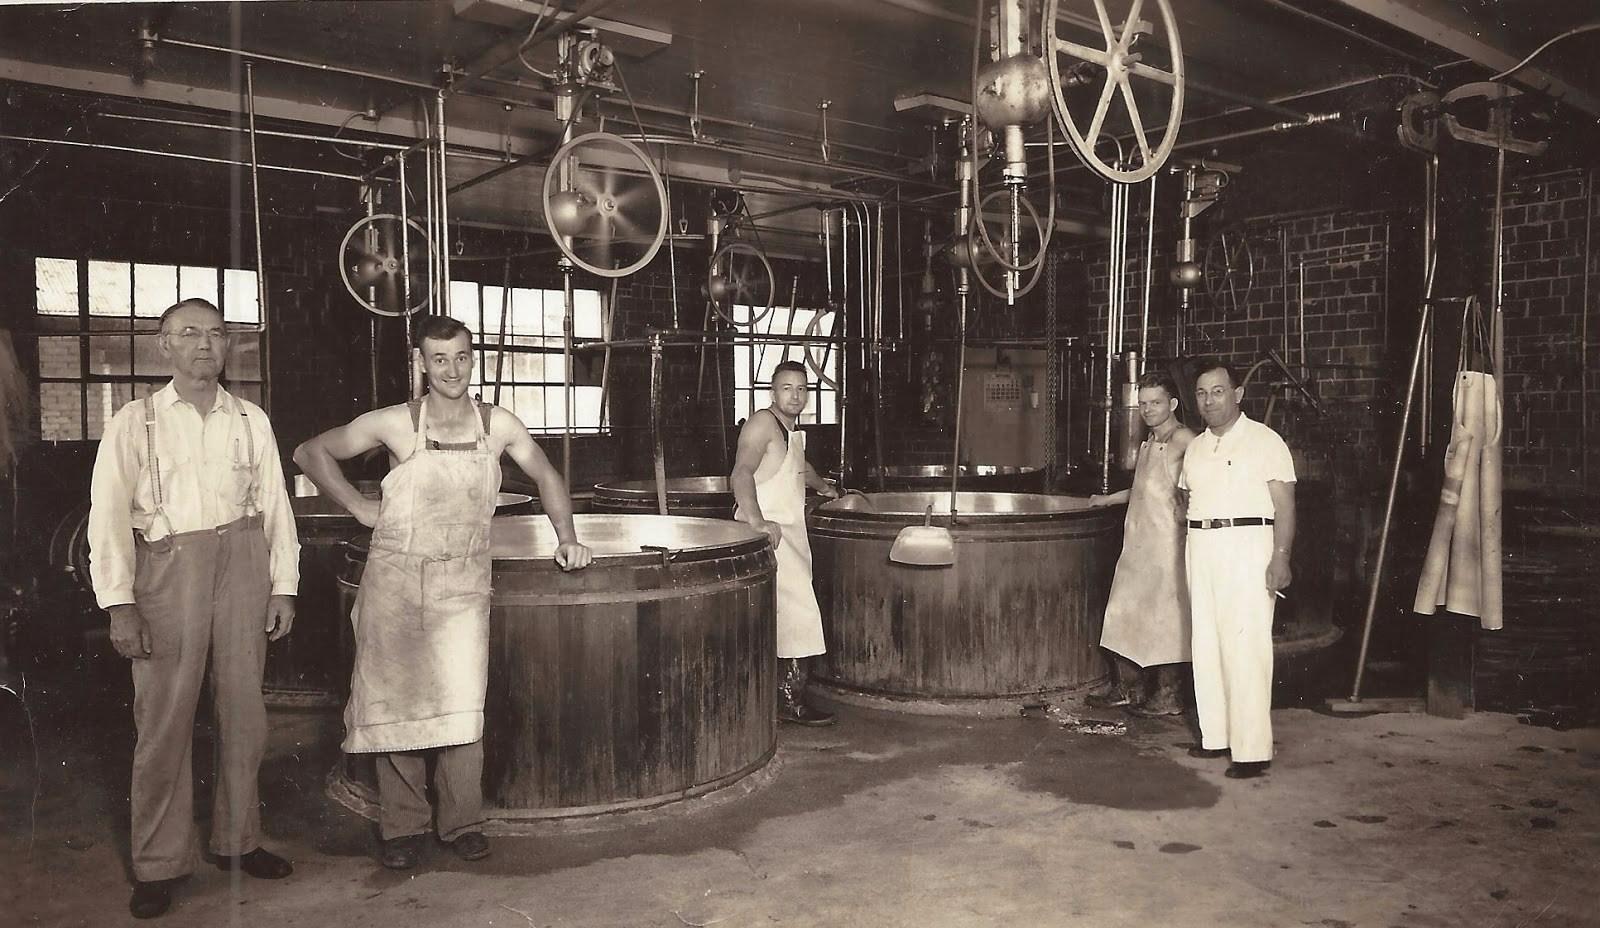 cheesemakers-1.jpg